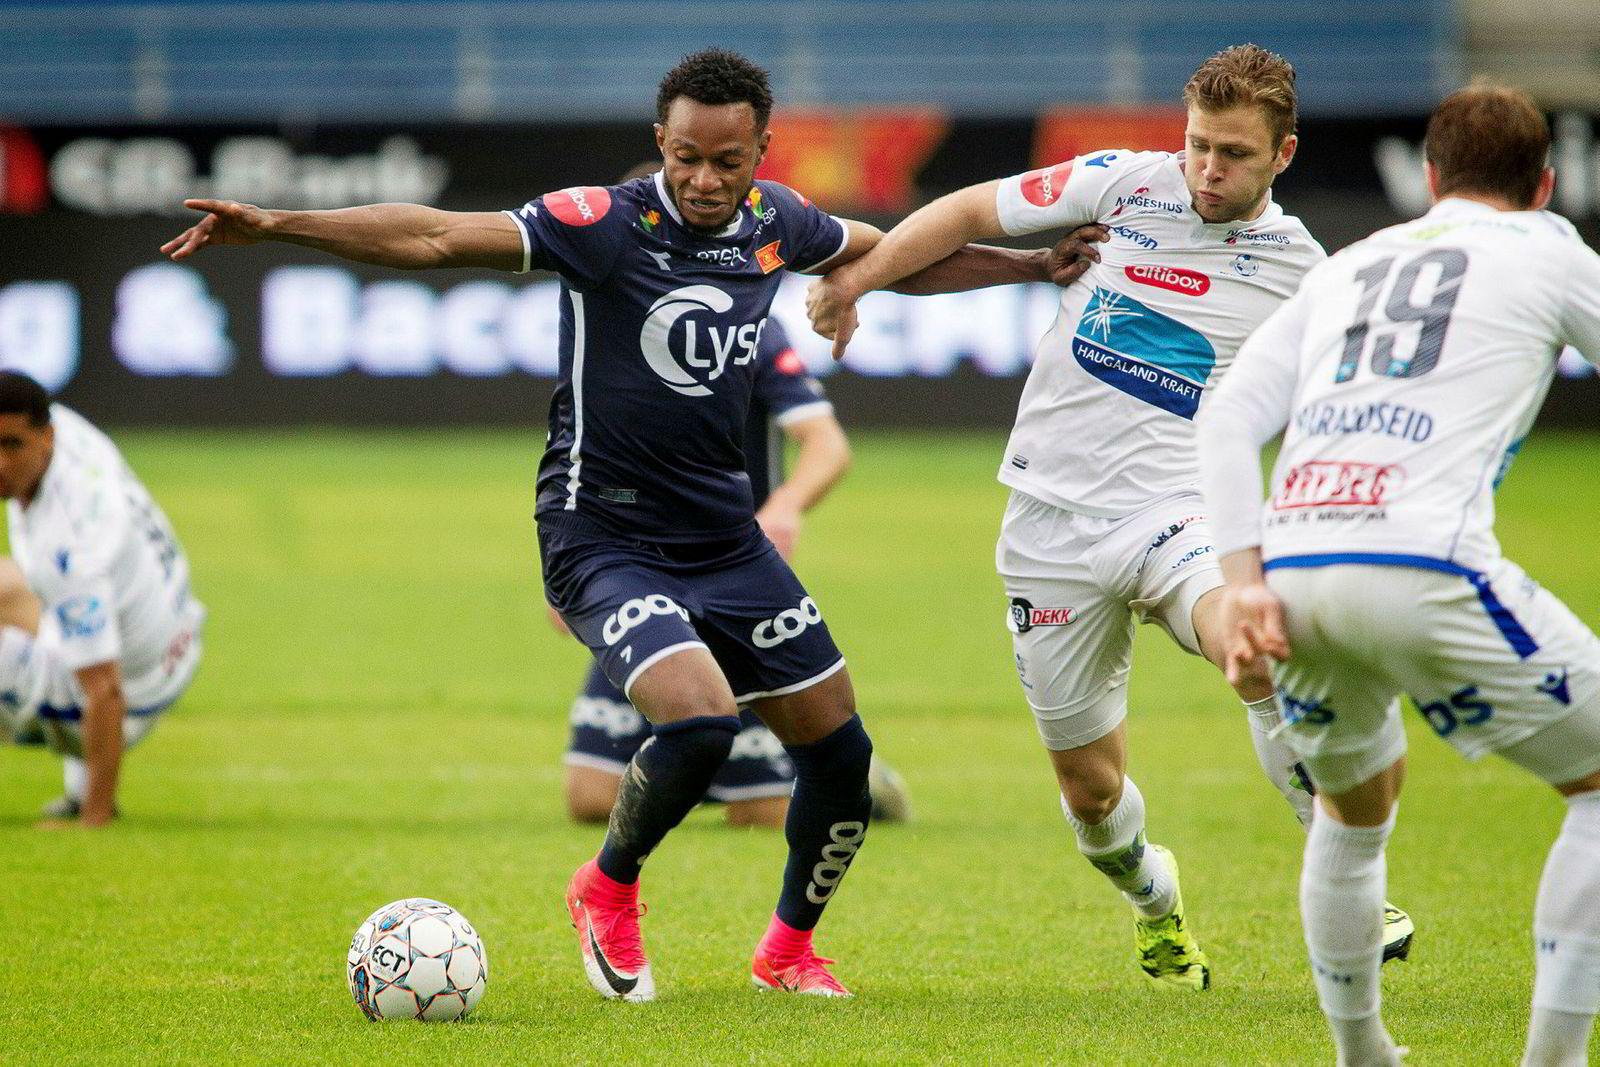 Mens TVNorge kan feire seerrekord i juni med Eliteserien i fotball, har TV 2 ikke noe fotball-EM denne sommeren, og faller til sin dårligste notering i juni på år og dag. Her er Vikings Samuel Adegbenro i aksjon under eliteseriekampen i fotball mellom Viking og Haugesund.